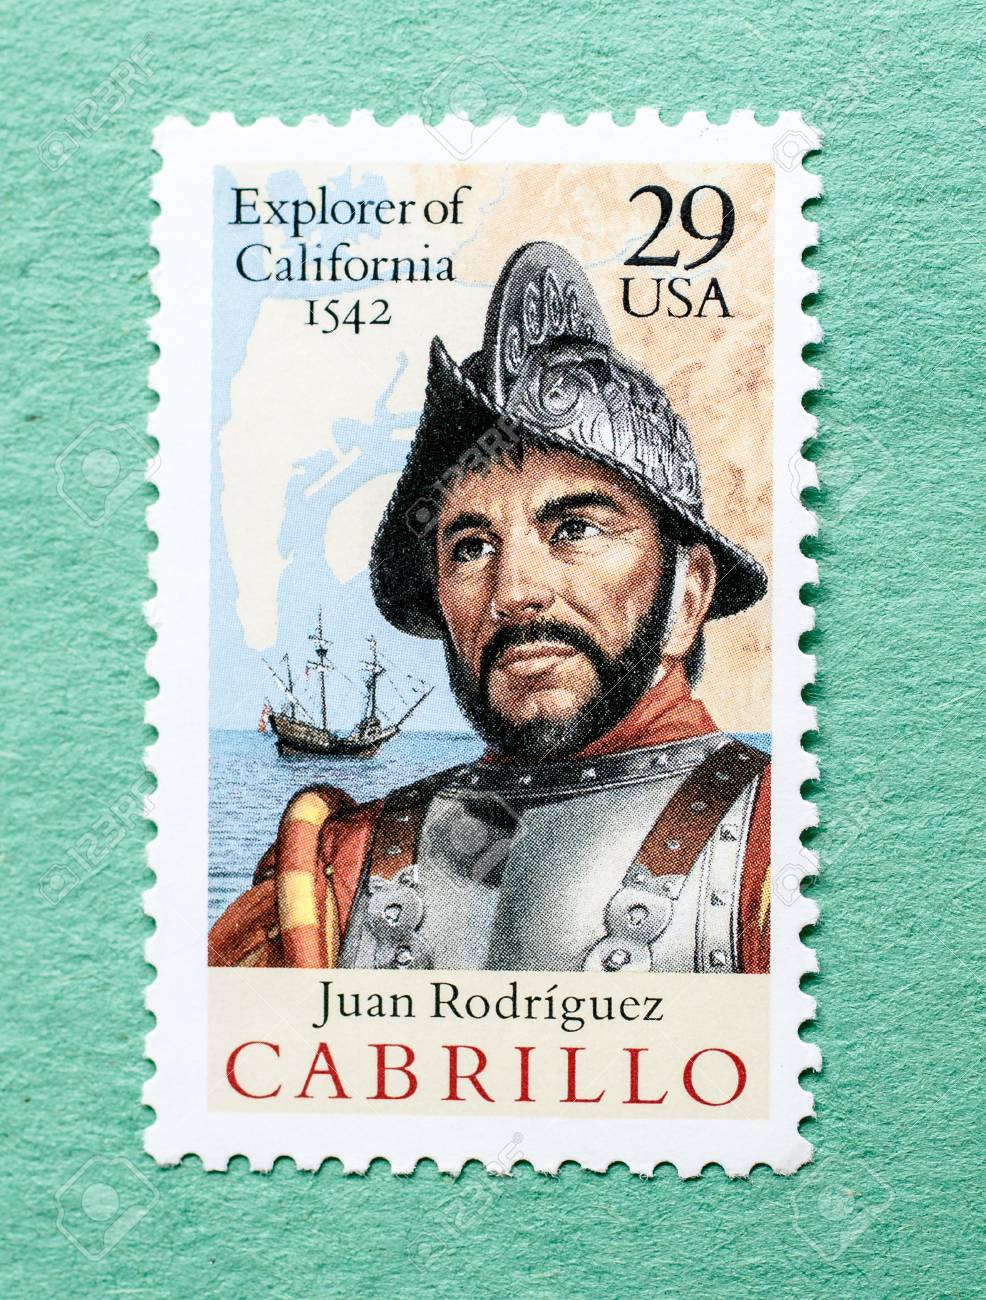 フアン・ロドリゲス・カブリリョ